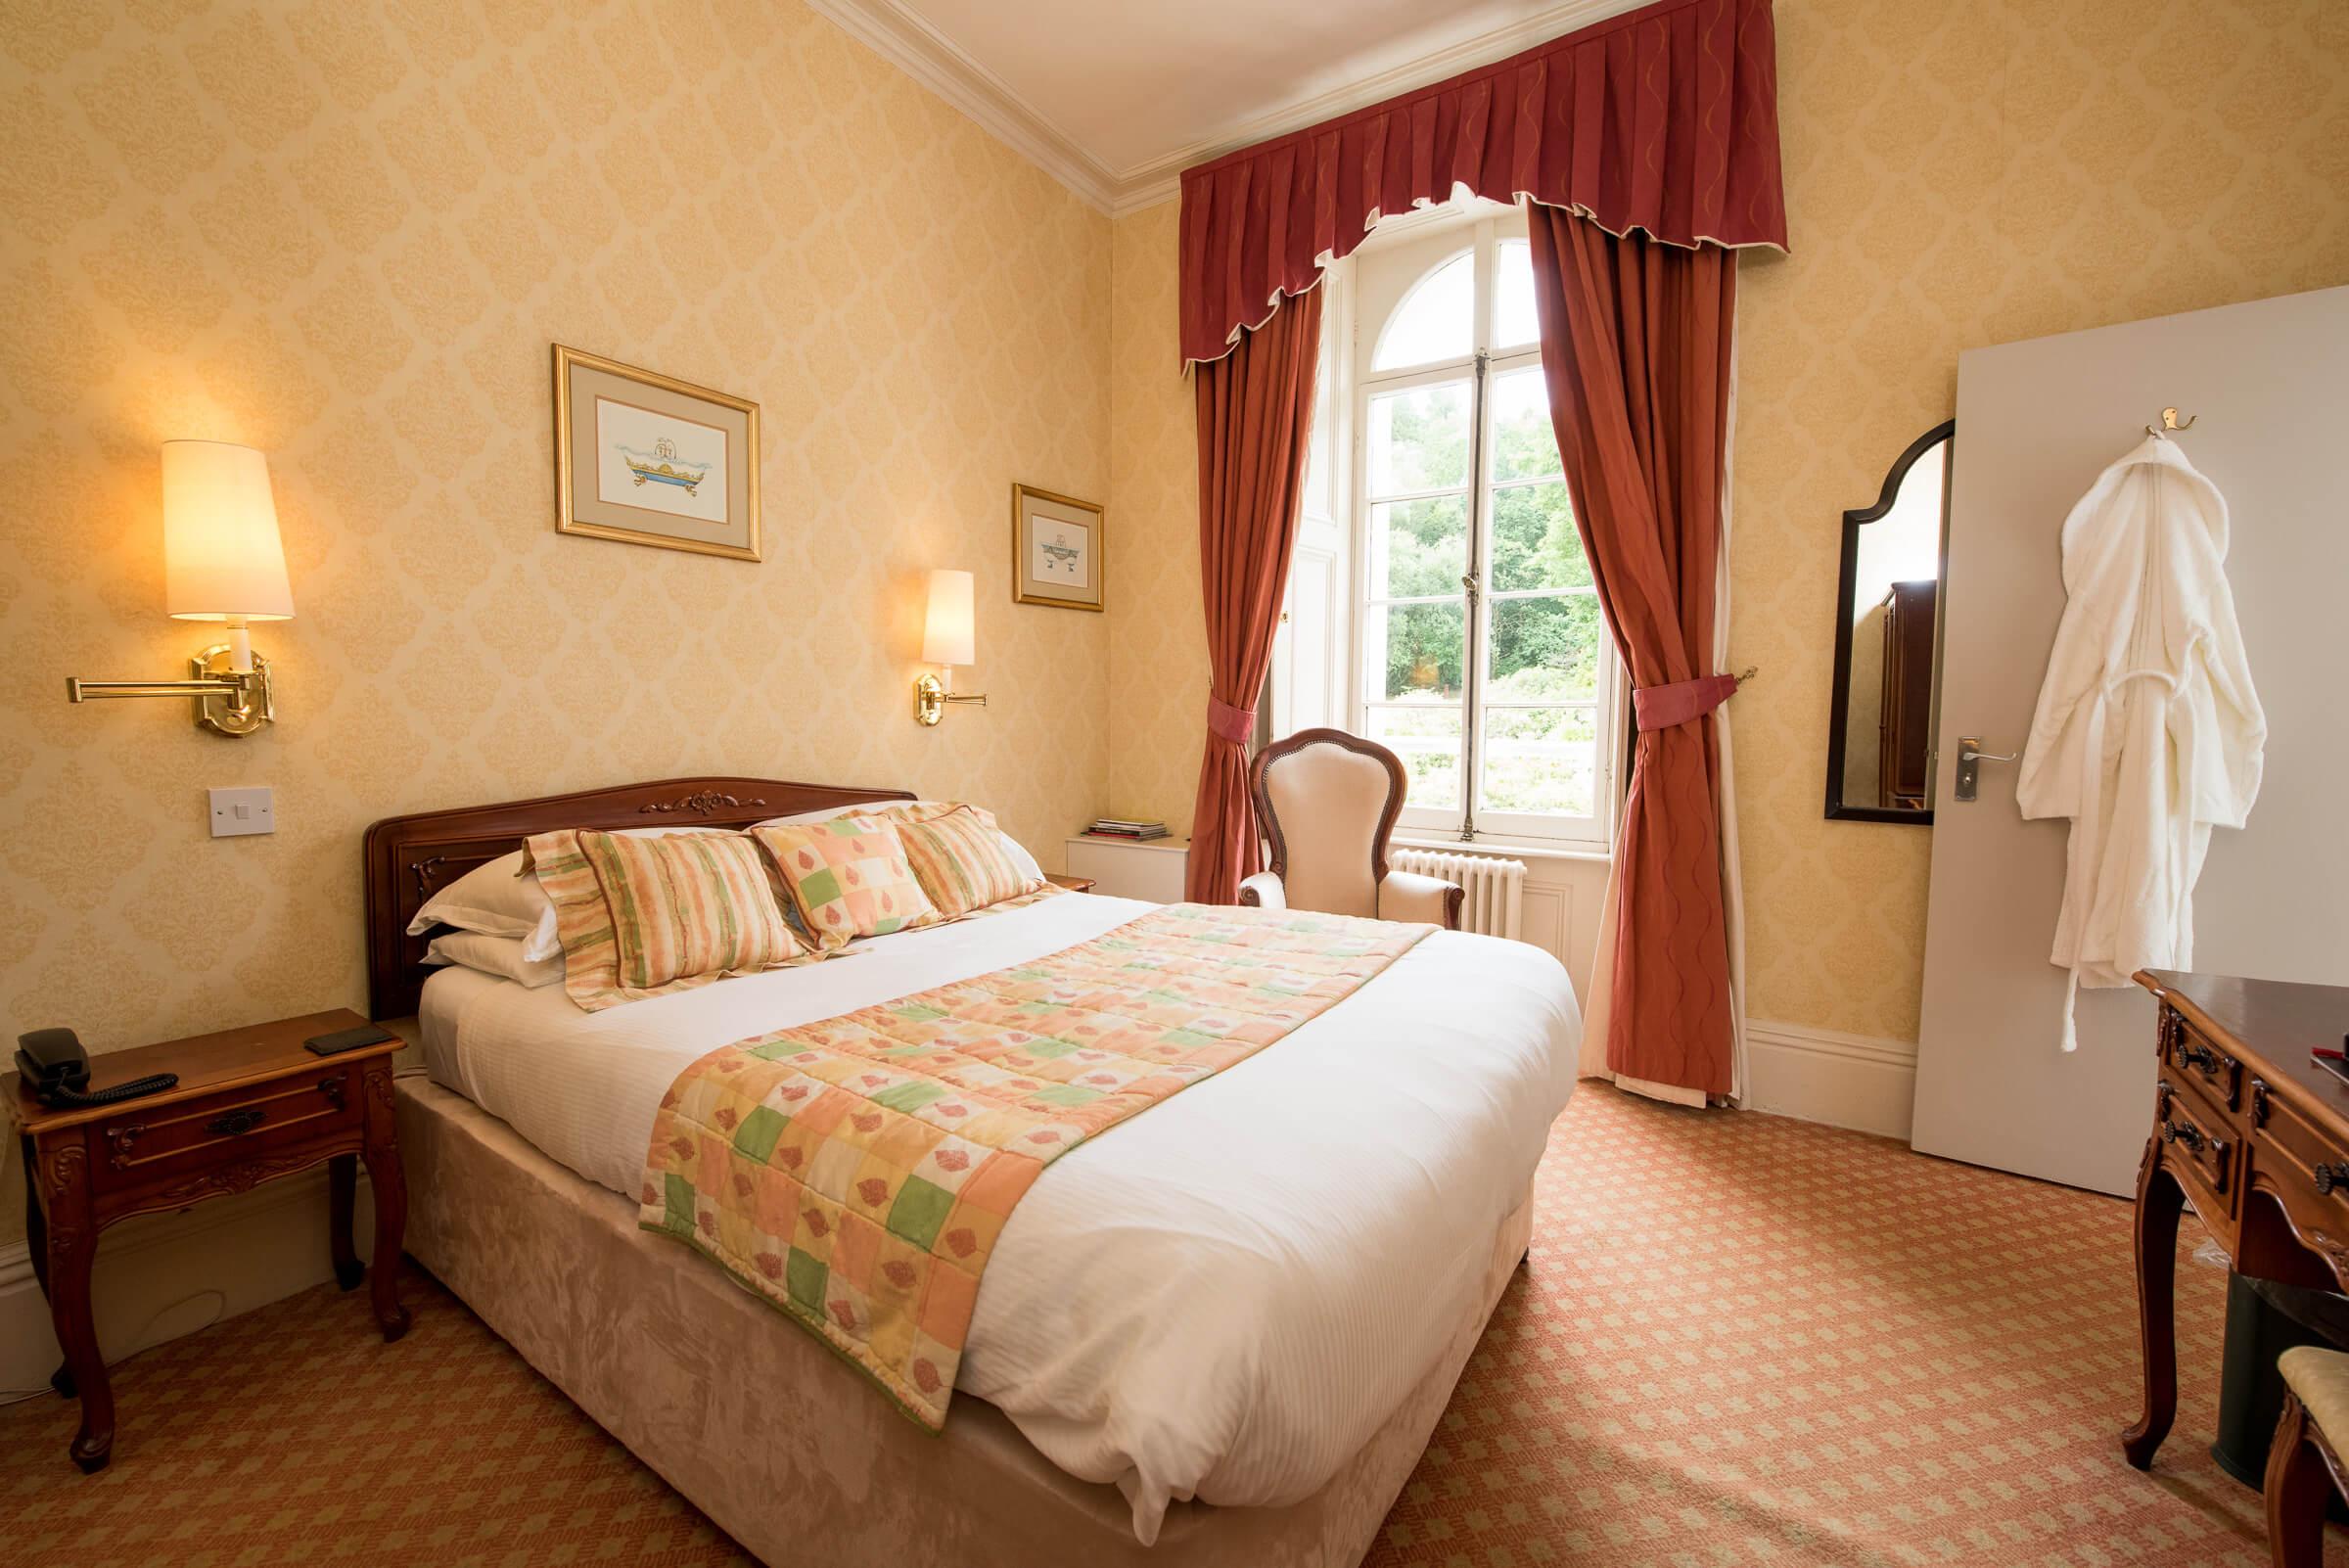 Room number 14